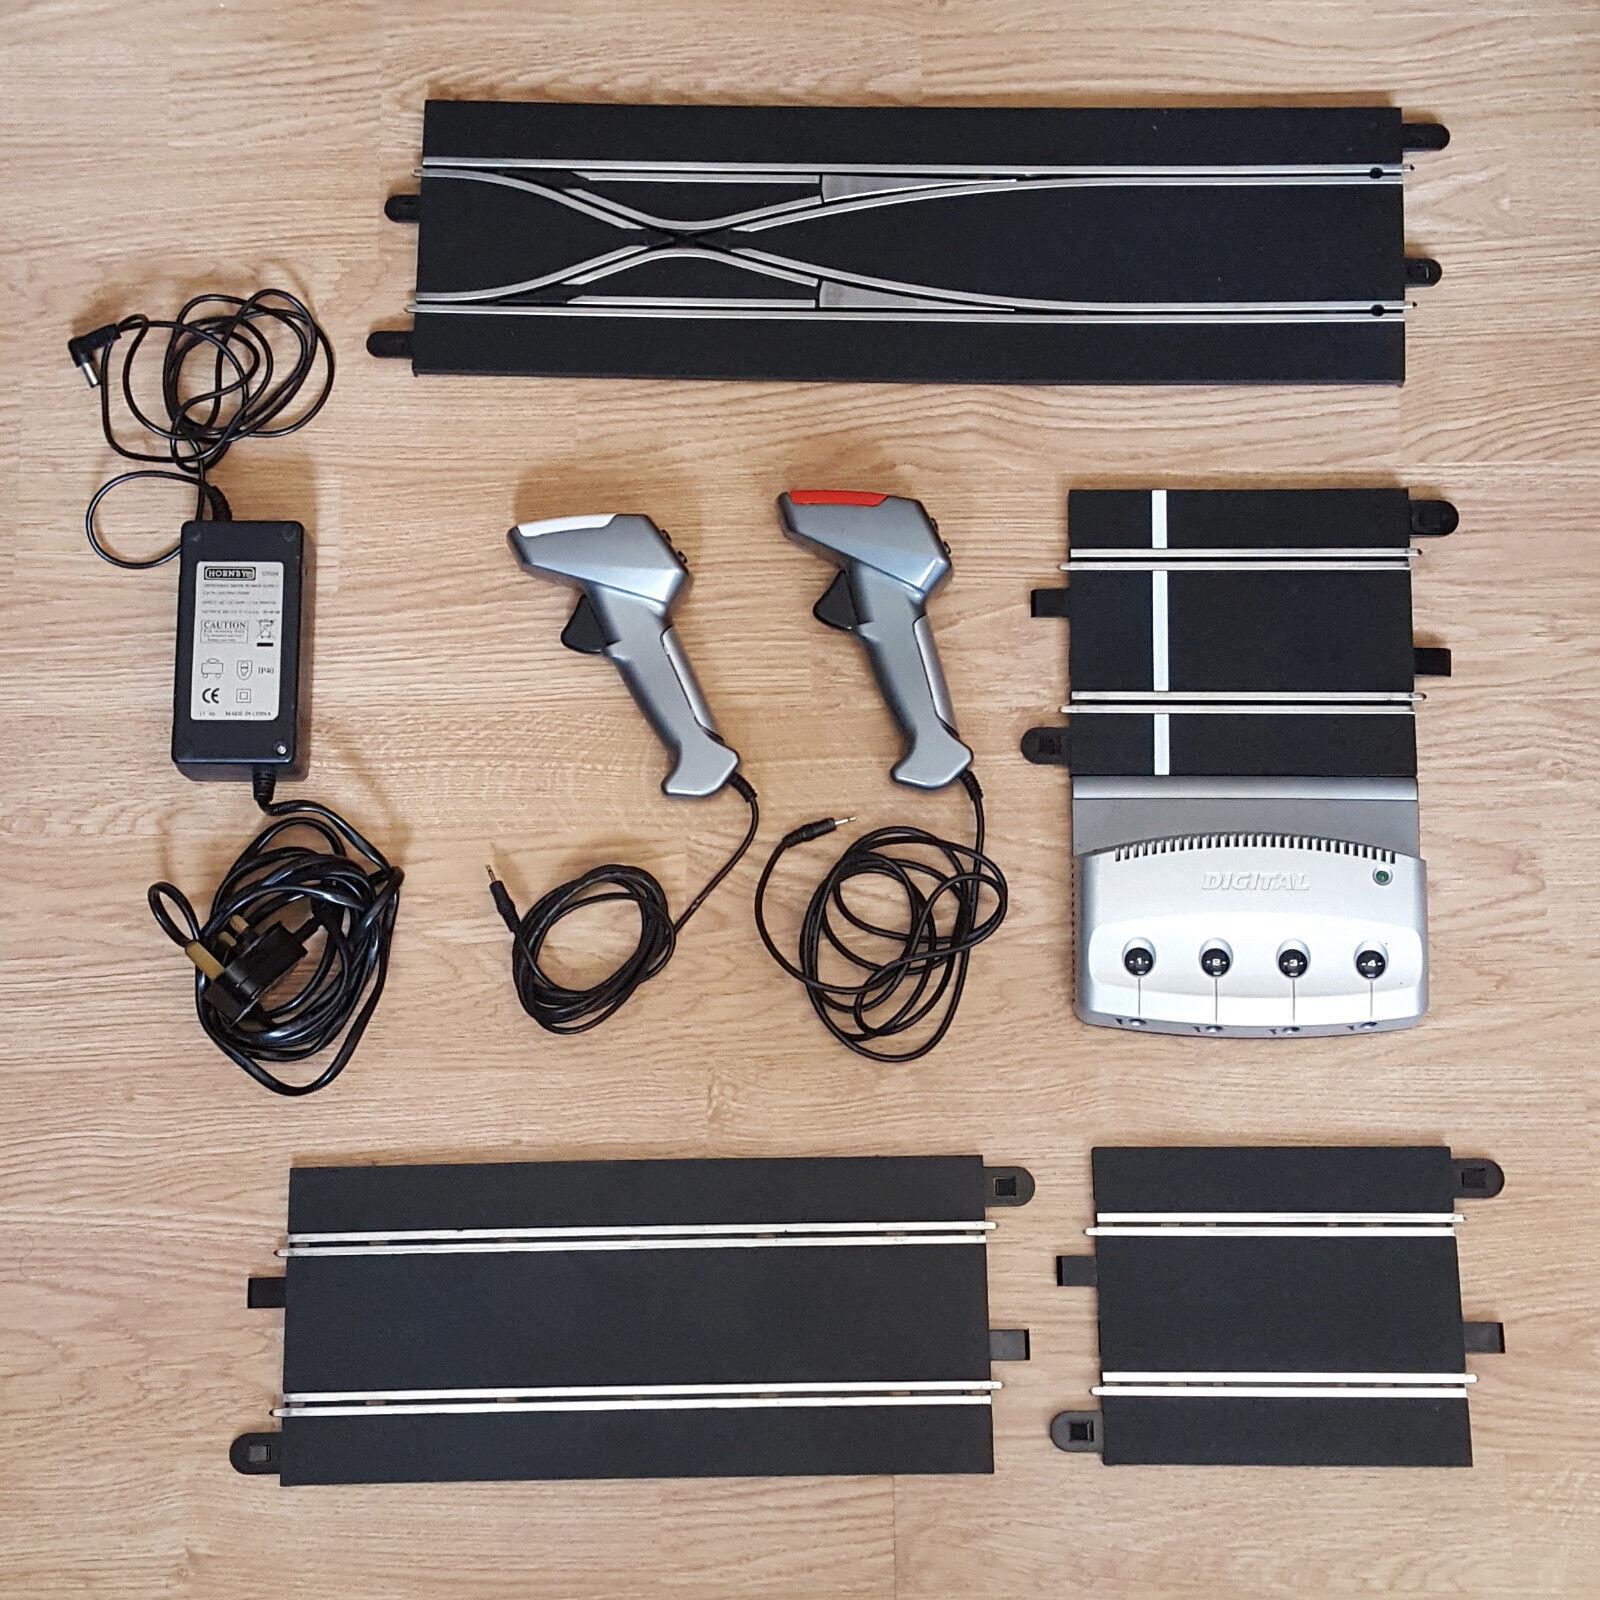 Scalextric 1 32 Numérique Kit de conversion C7040 Powerbase C7056 manettes Piste  E